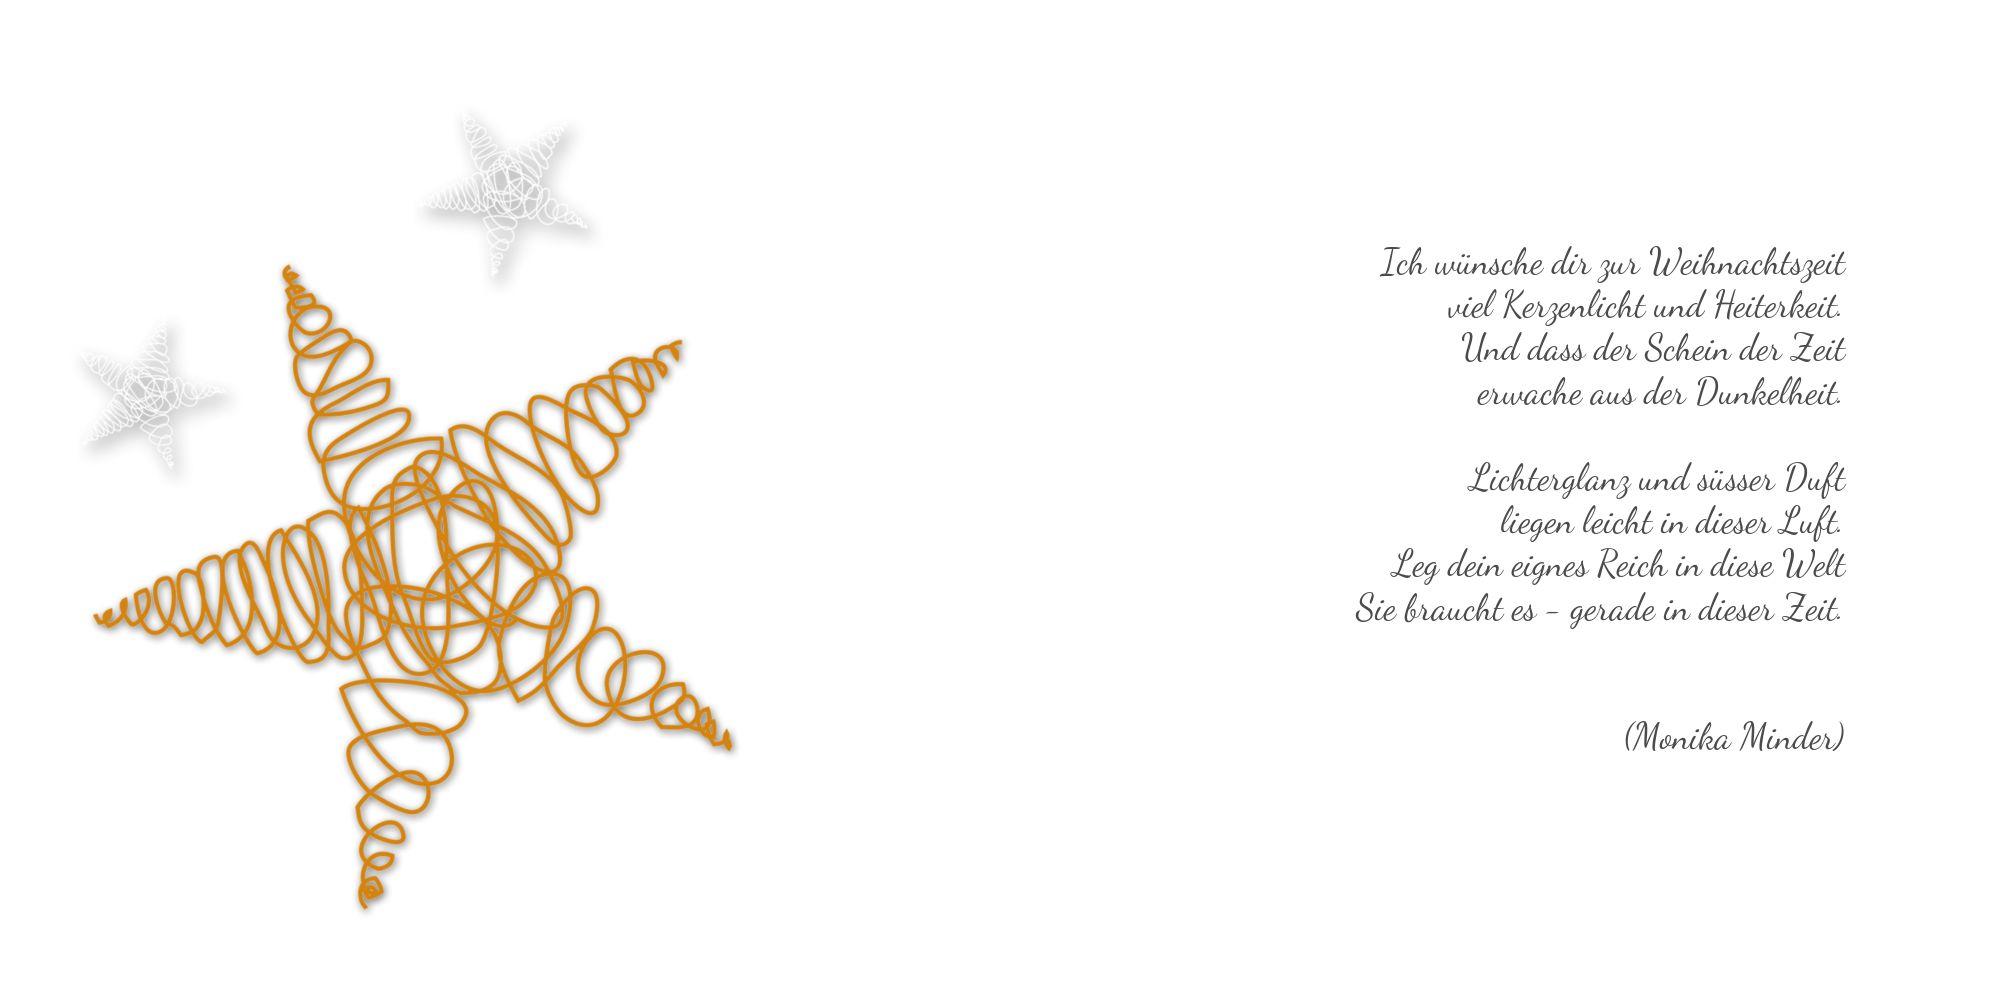 Ansicht 4 - Grußkarte Weihnachten curly star